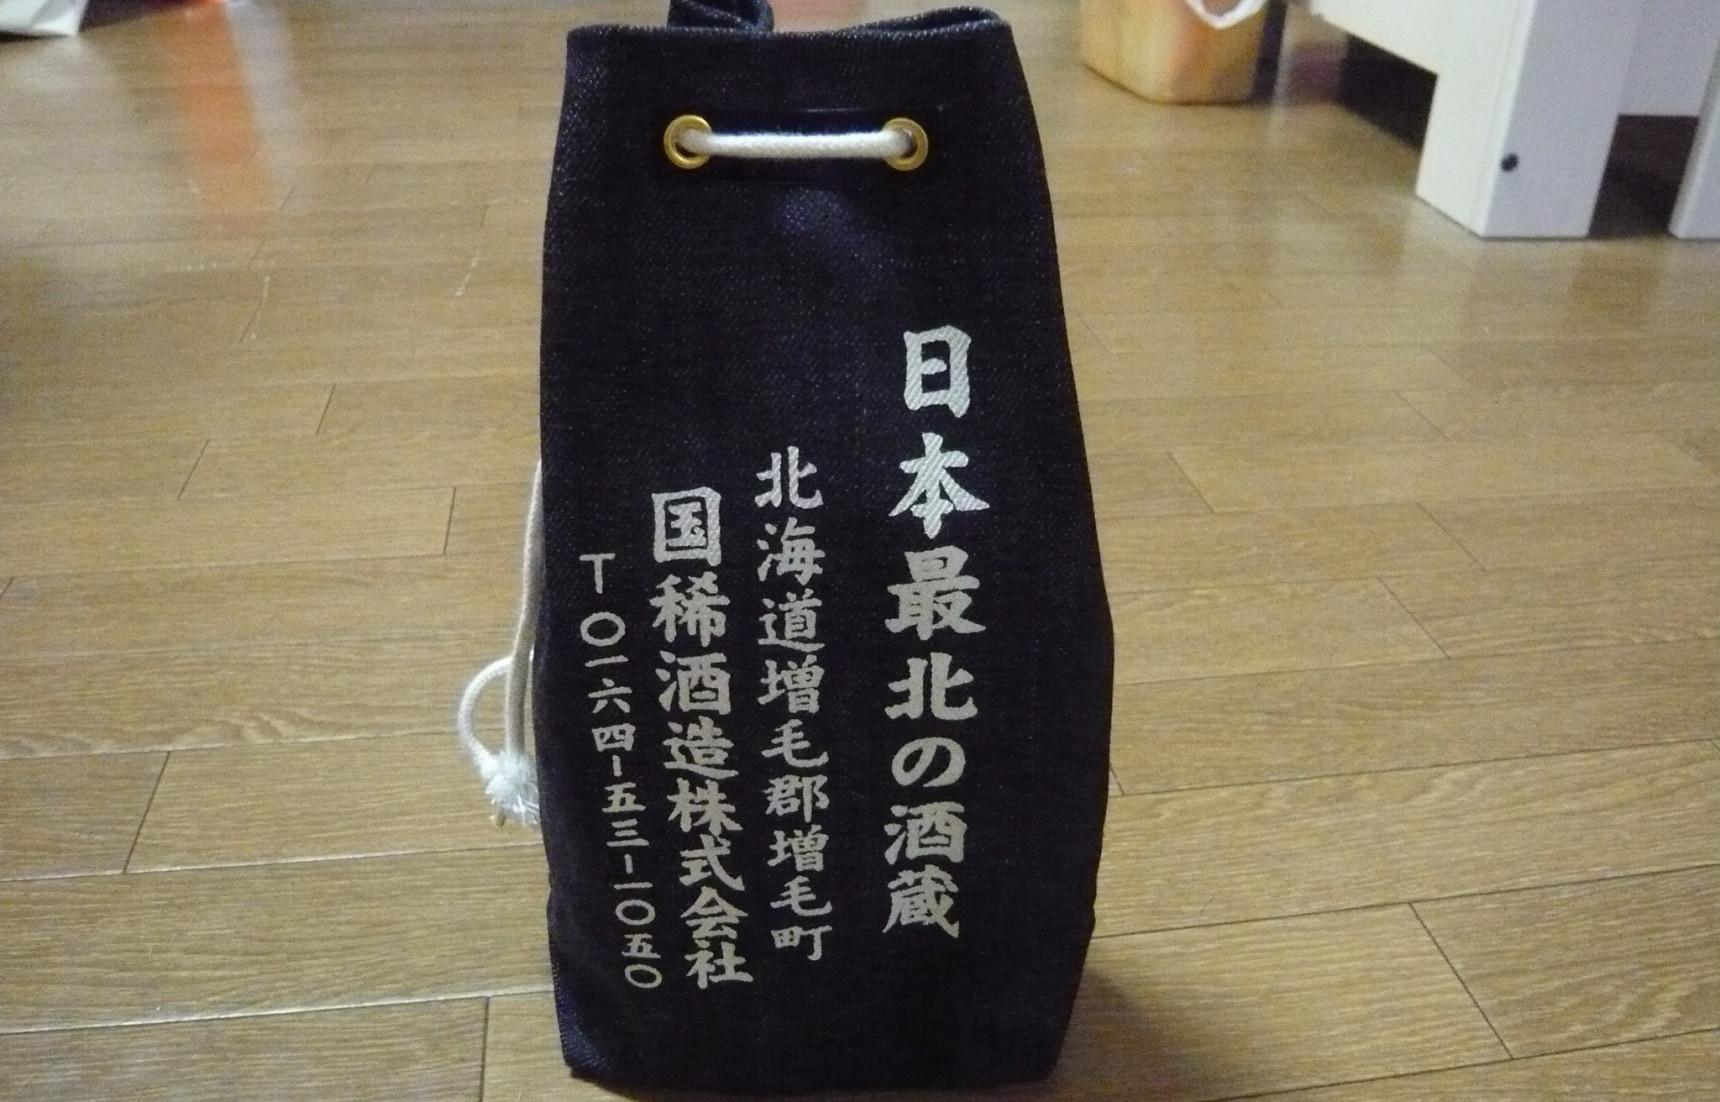 日本最北端的造酒厂